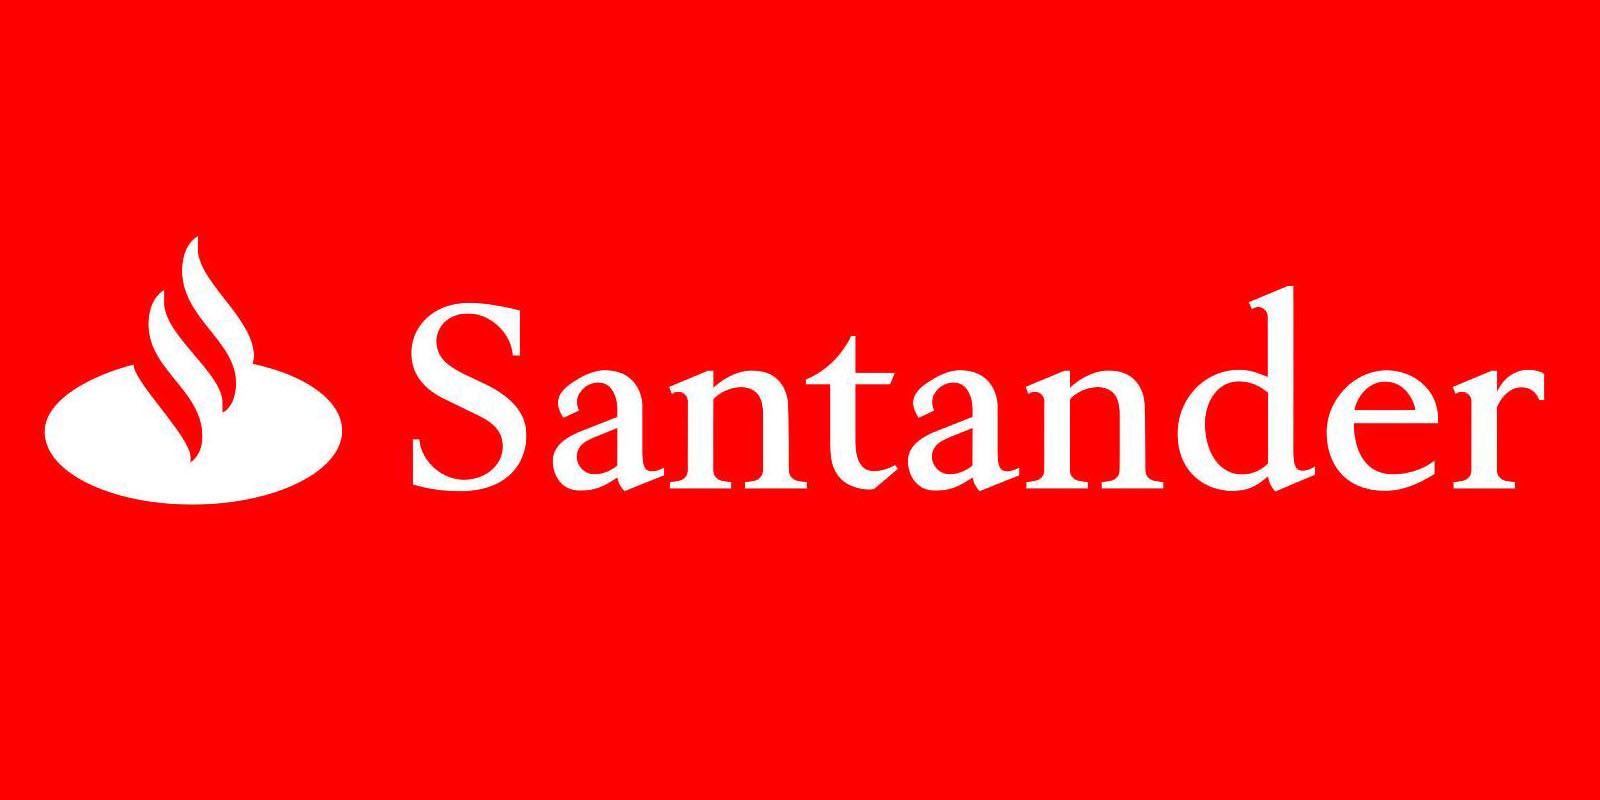 santander-logo (1).jpg